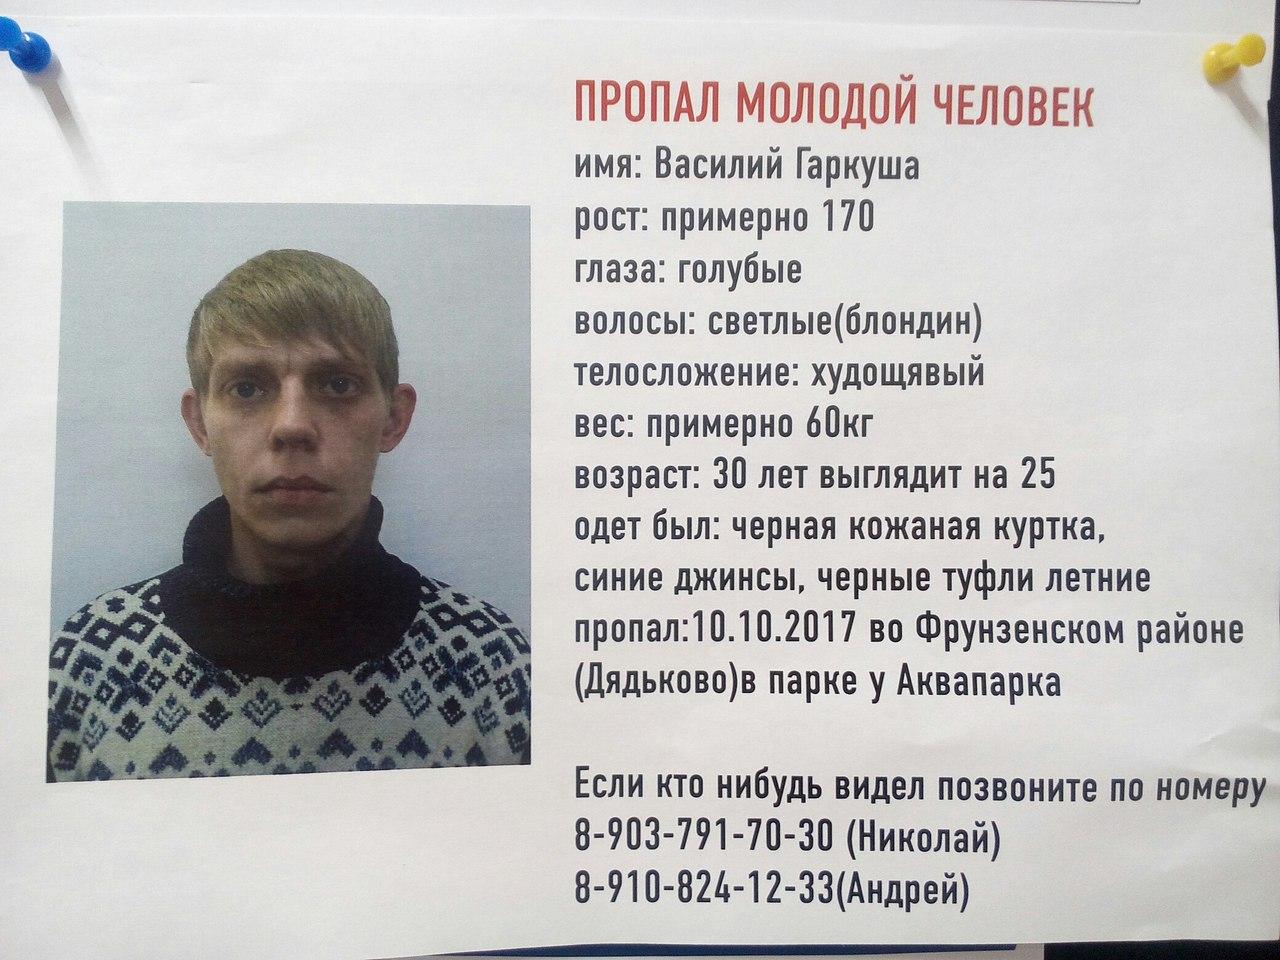 В Ярославле уже больше недели ищут молодого человека, который пропал в парке Судостроителей